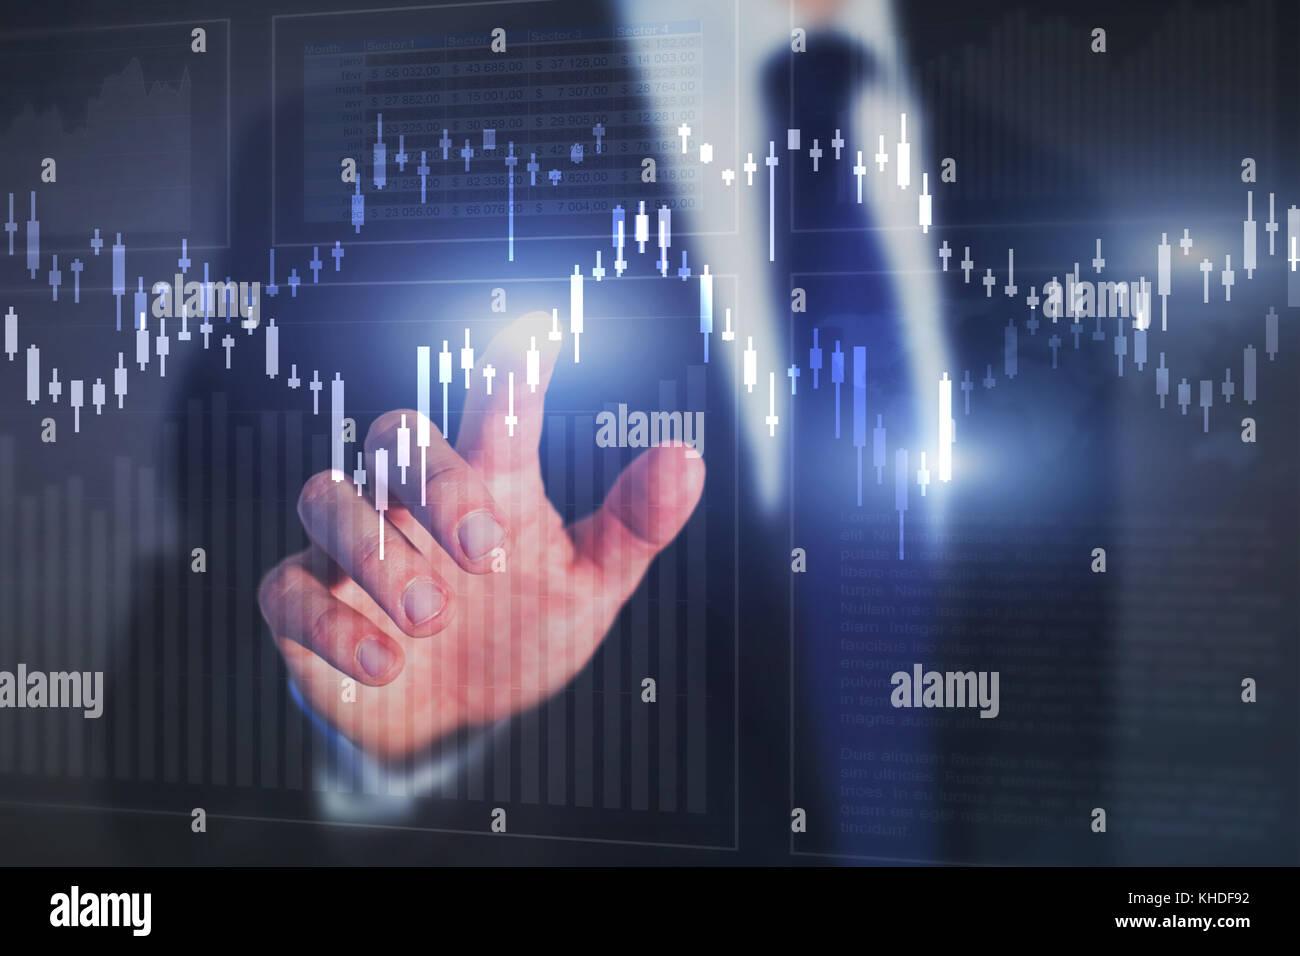 Dibujos y gráficos de fondo financiero, la bolsa concepto, inversionista analizar datos digitales Foto de stock